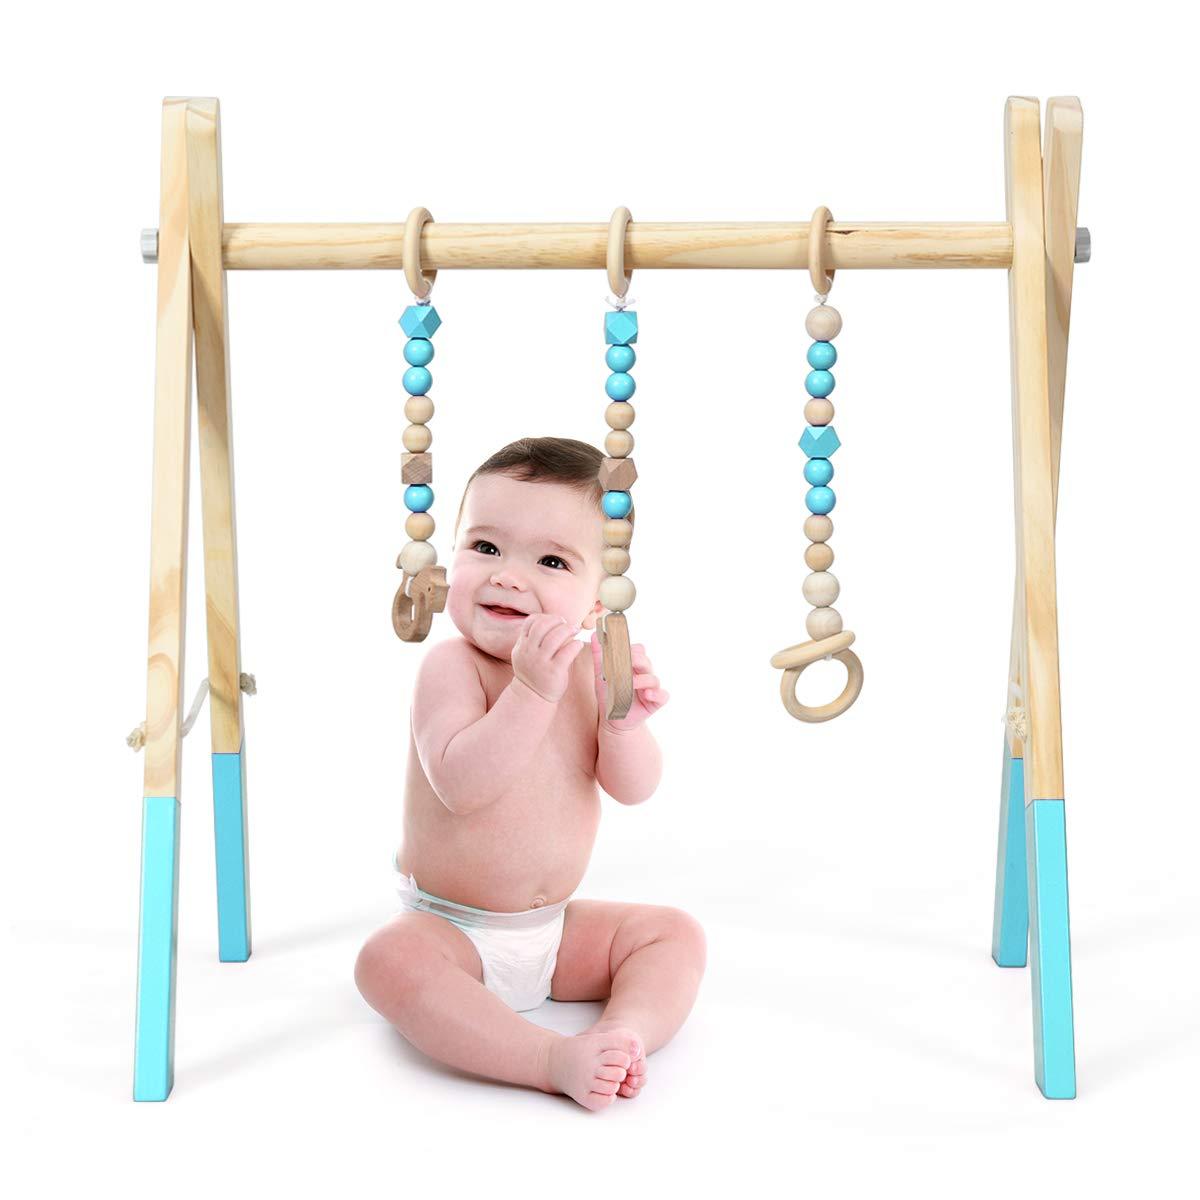 COSTWAY Baby Gym Babyspielger/ät Spieltrapez Spielbogen Holzspielzeug Aktivit/ätszentrum mit 3 Kinderspielzeugen zur Gehirnentwicklung /& sensorische Stimulation f/ür Babys /über 3 Monate Grau